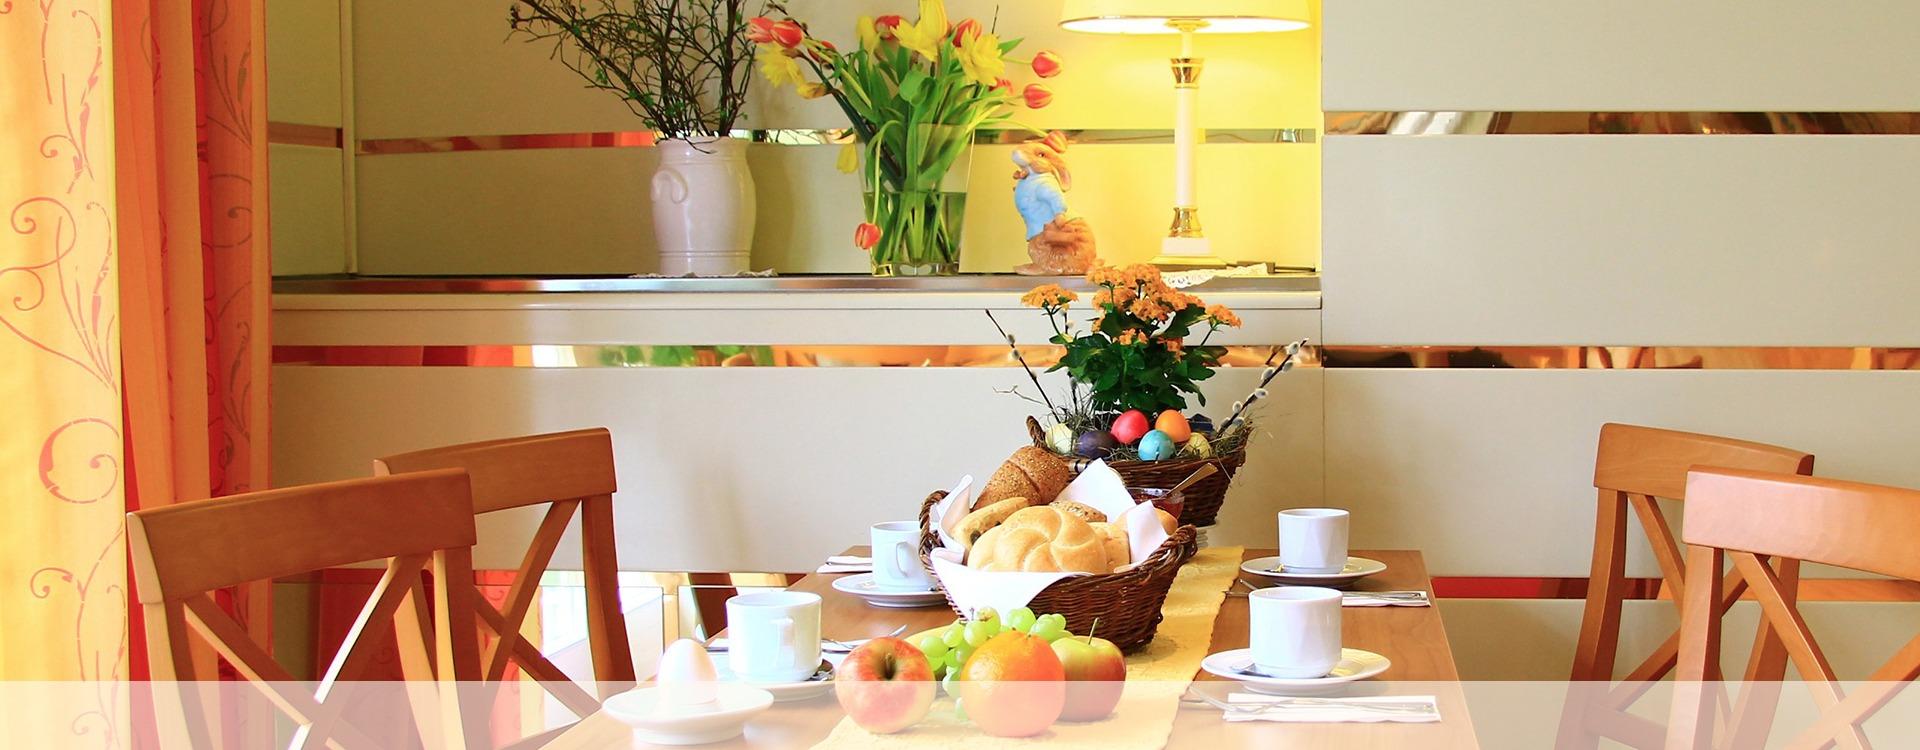 Hotelrezeption im Hotel Villa Eichenau, Frühstücksraum